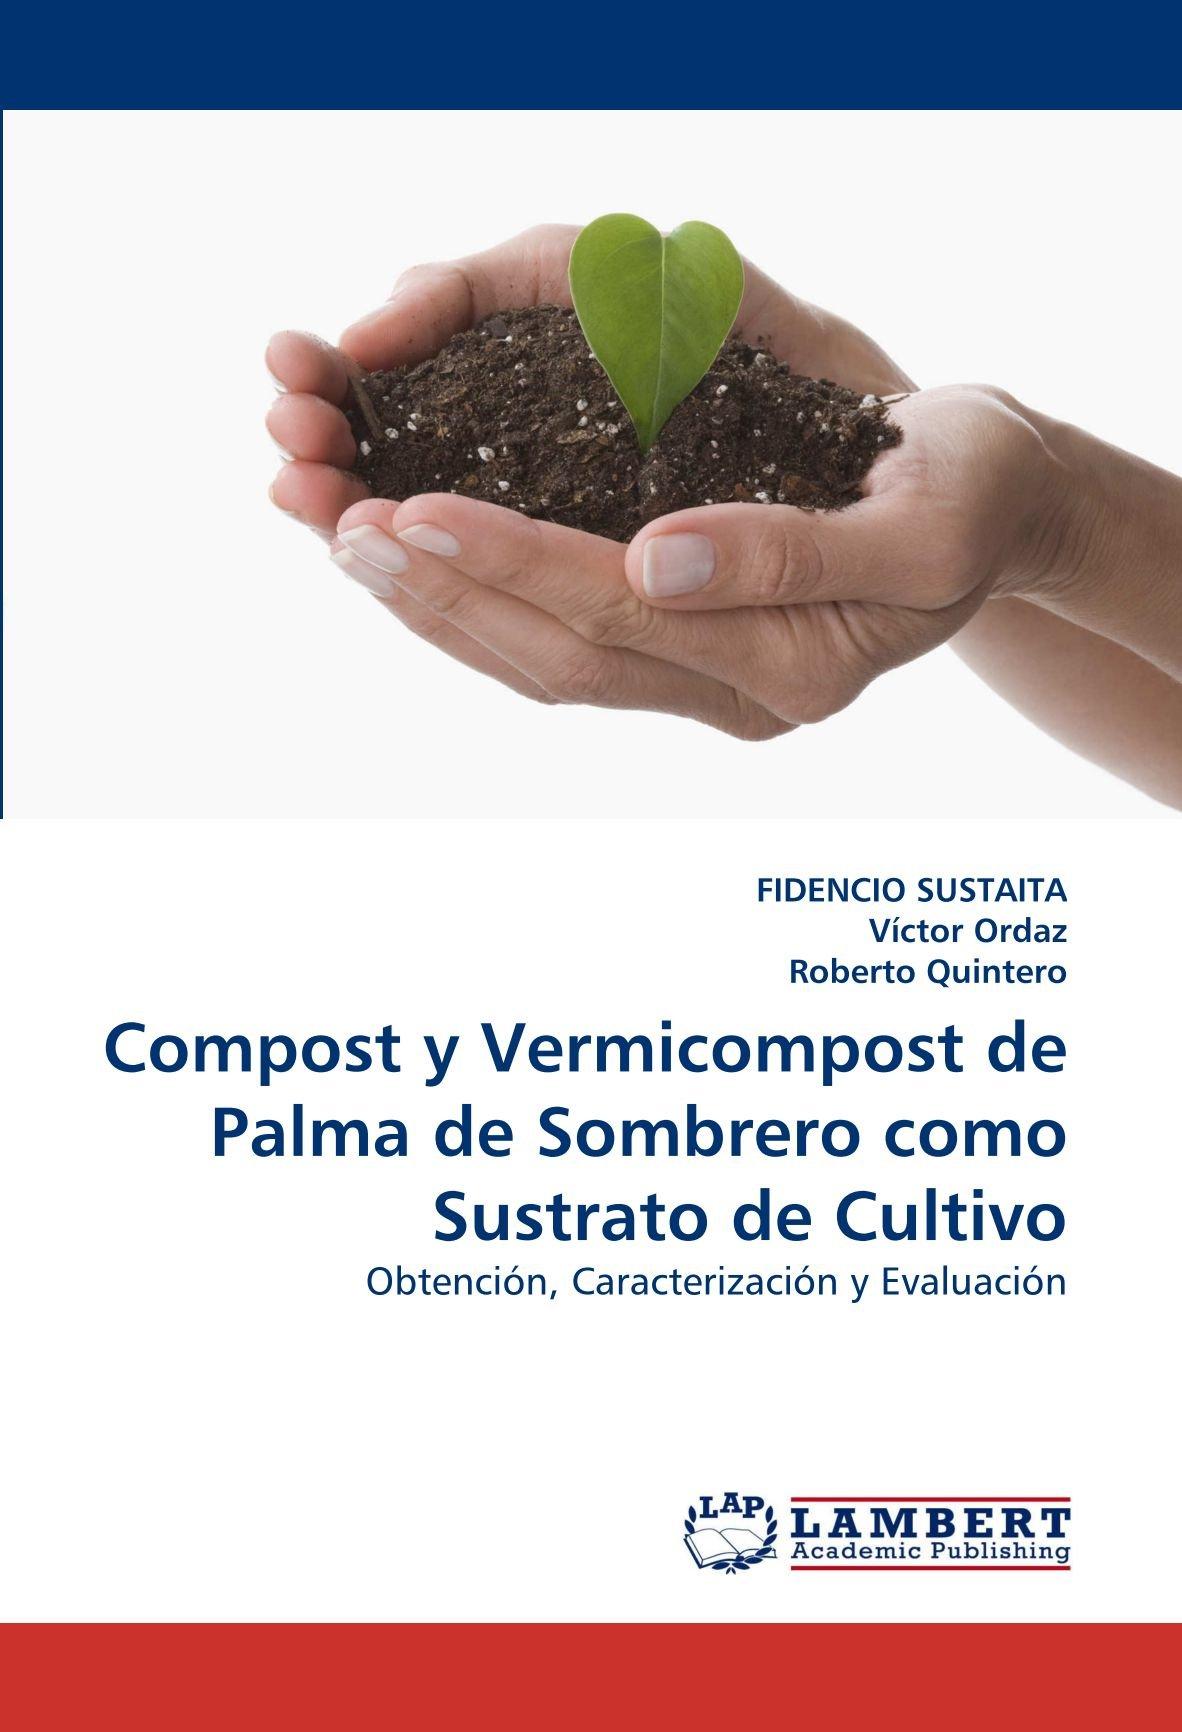 Compost y Vermicompost de Palma de Sombrero Como Sustrato de Cultivo: Amazon.es: Fidencio Sustaita, Victor Ordaz, Roberto Quintero: Libros en idiomas ...